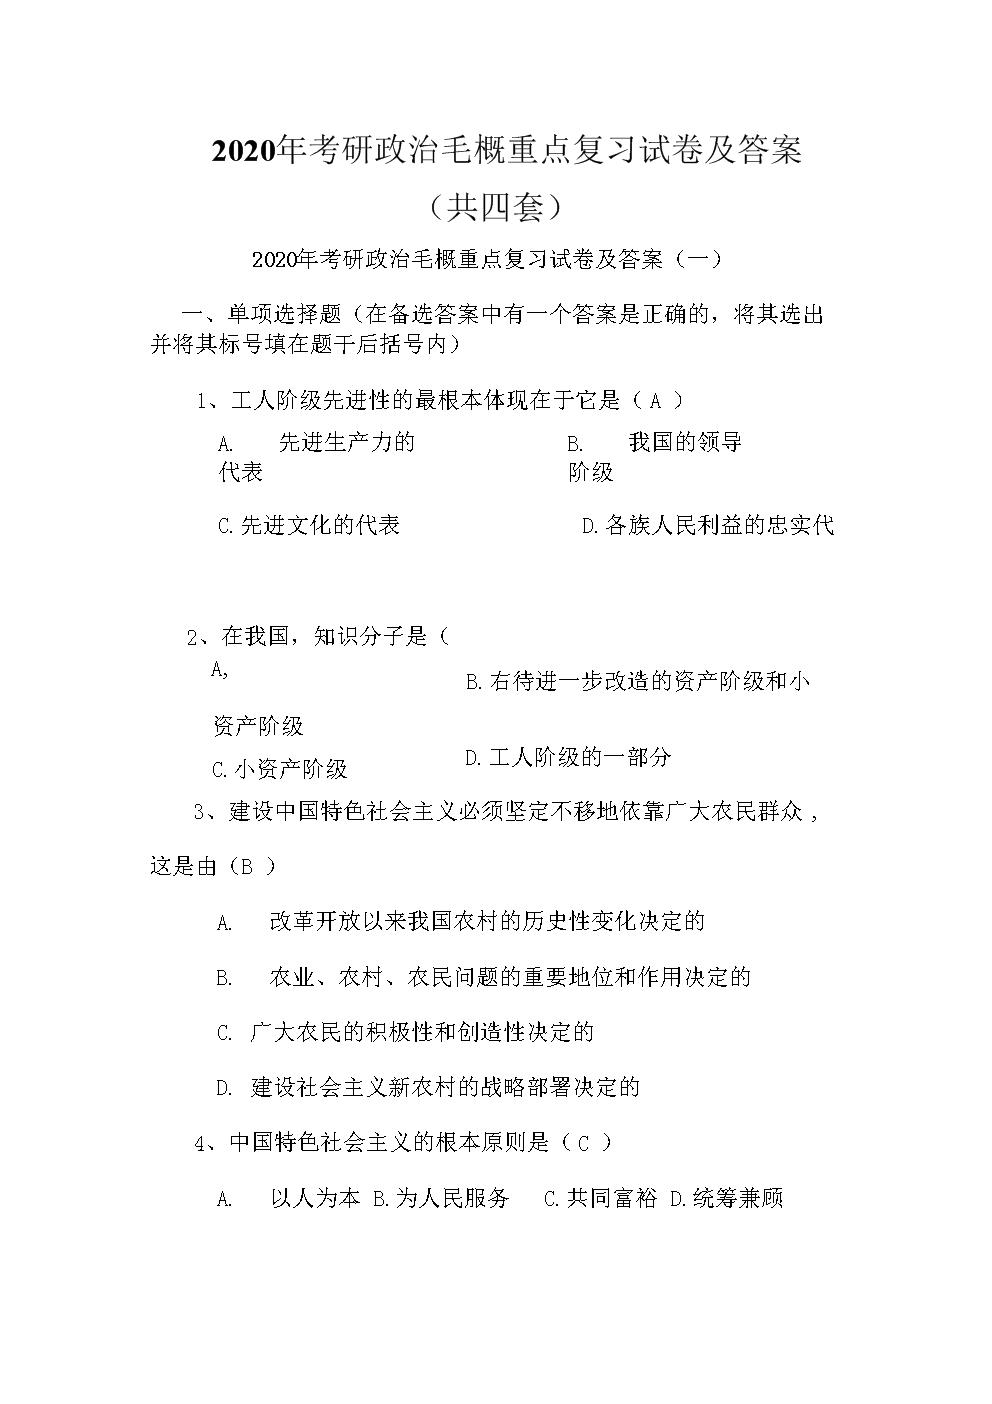 最新2020年考研政治毛概重點復習試卷及答案(共四套).docx